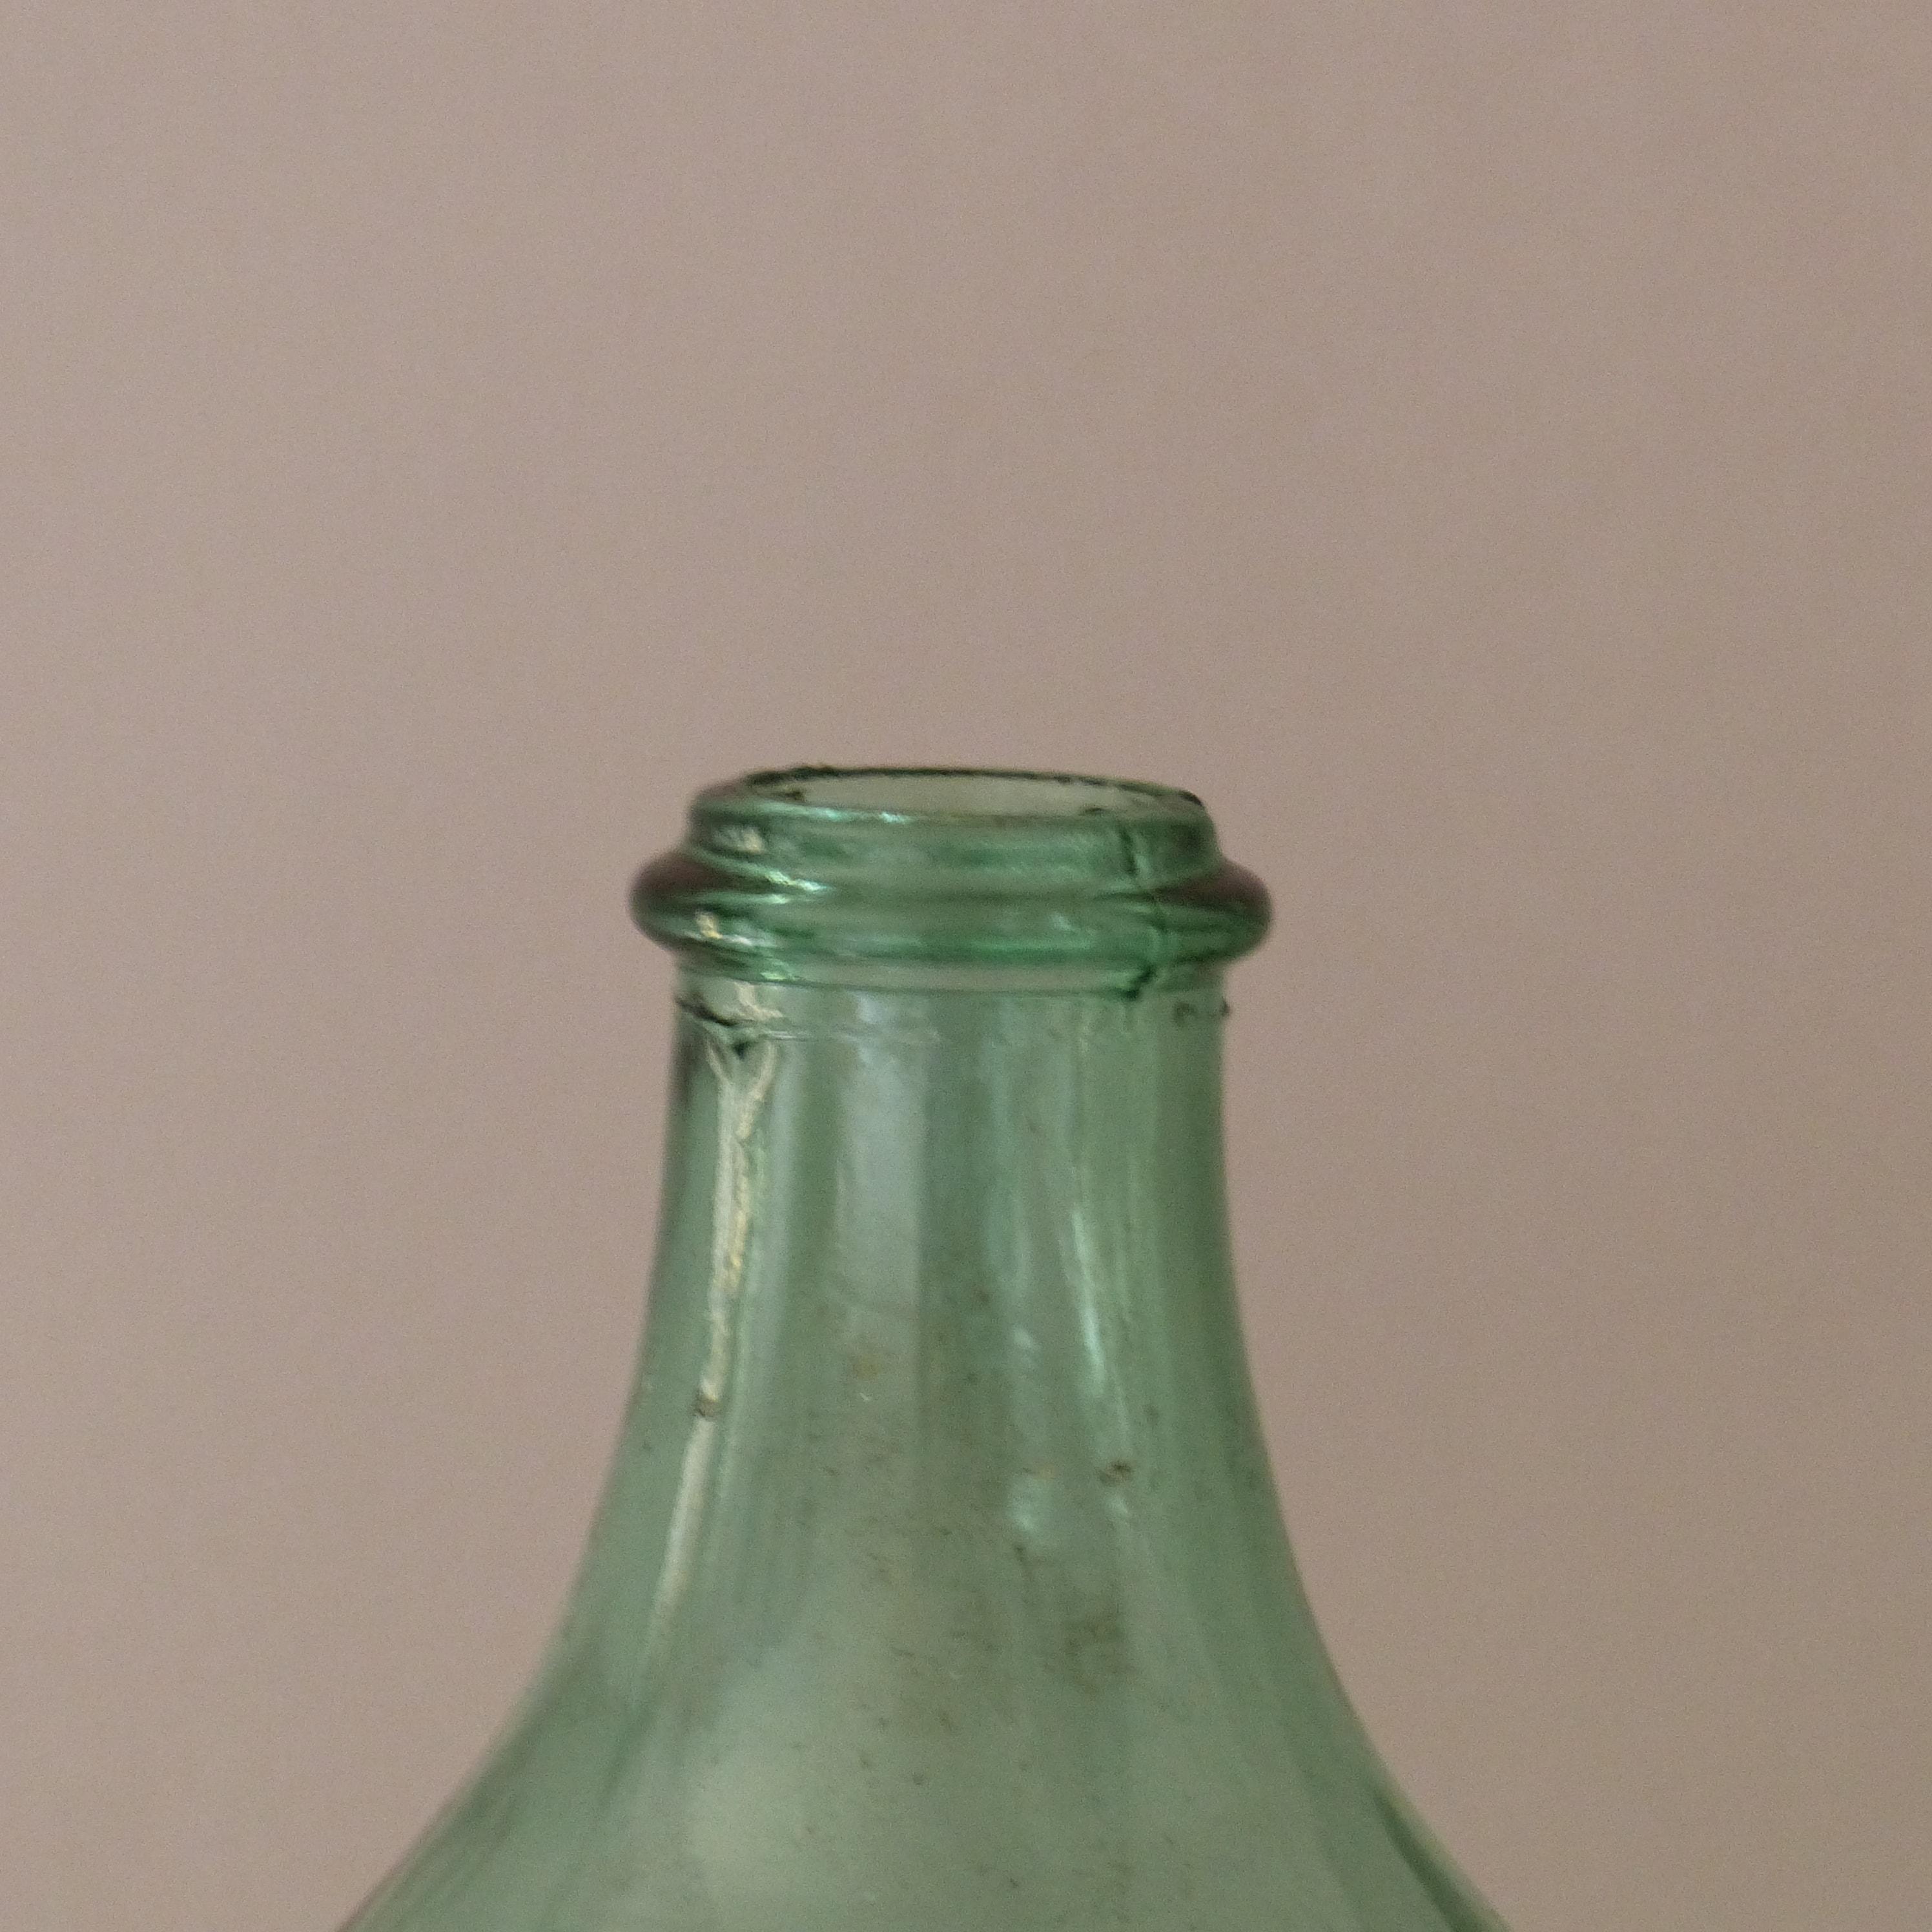 dame jeanne en verre vert clair lignedebrocante brocante en ligne chine pour vous meubles. Black Bedroom Furniture Sets. Home Design Ideas